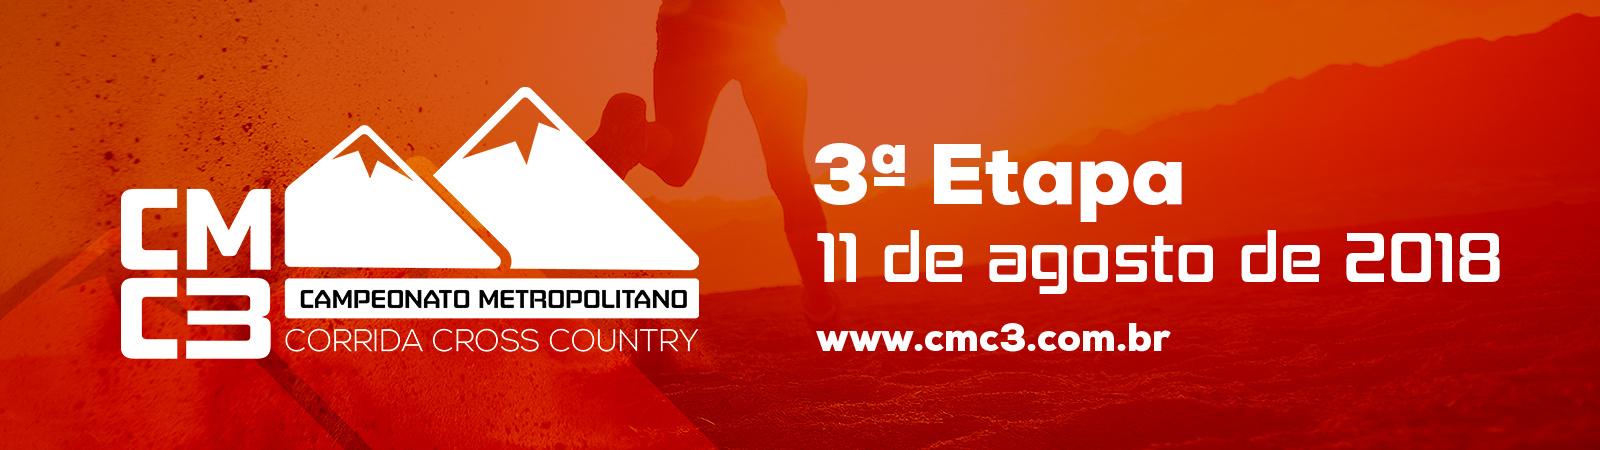 CMC3 - CAMPEONATO METROPOLITANO DE CORRIDA CROSS COUNTRY - 3ª ETAPA